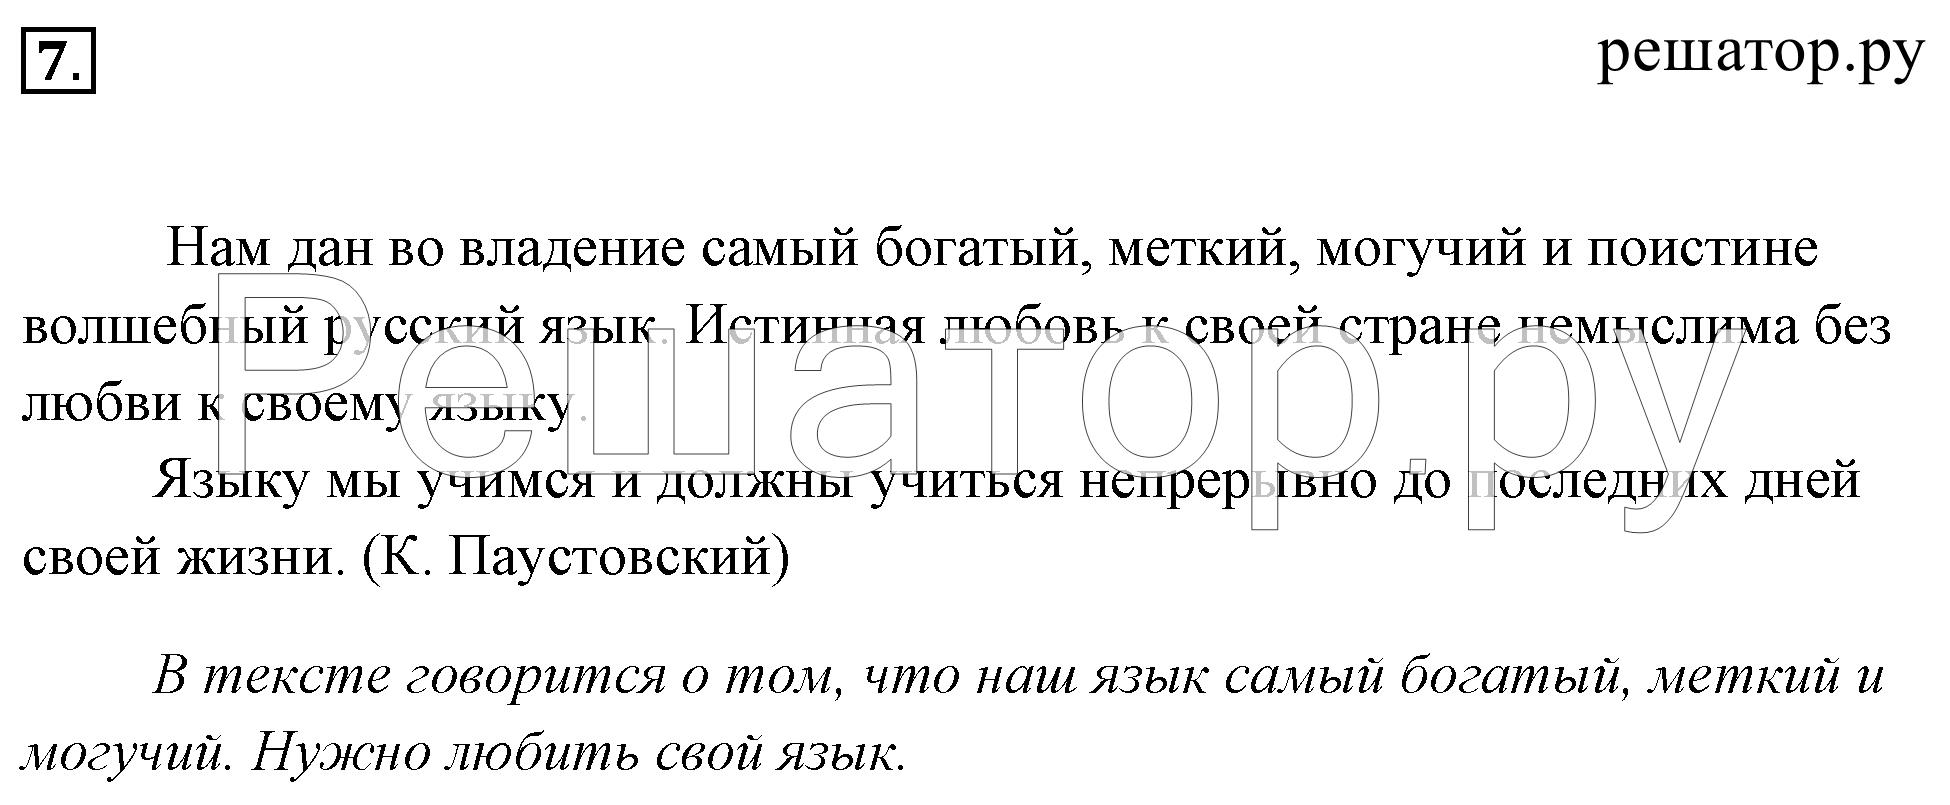 Решебник по русскому языку 5 класс - Ладыженская, Баранов, Тростенцова